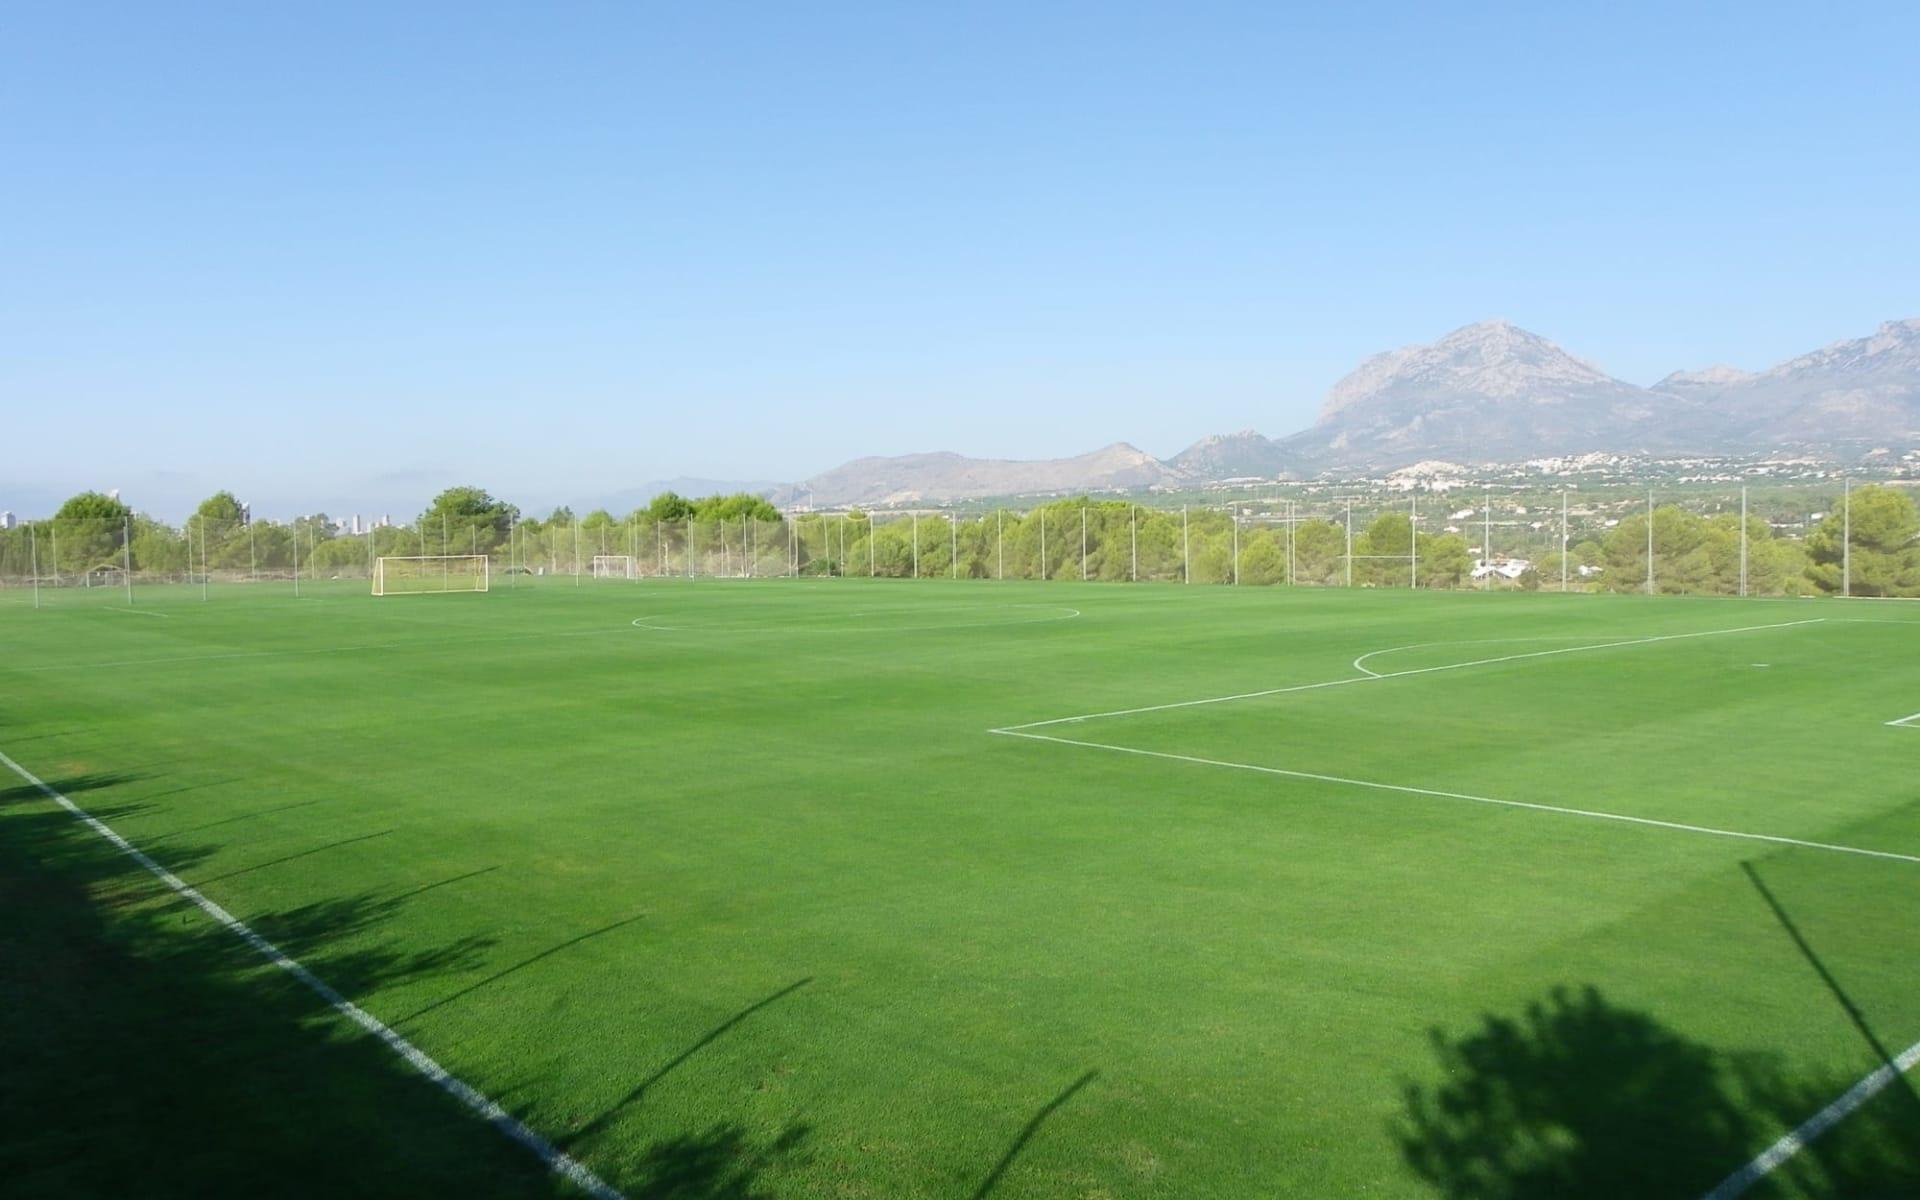 Alicante - Hotel Albir Garden ab Costa Blanca: Albir - Fussballplatz